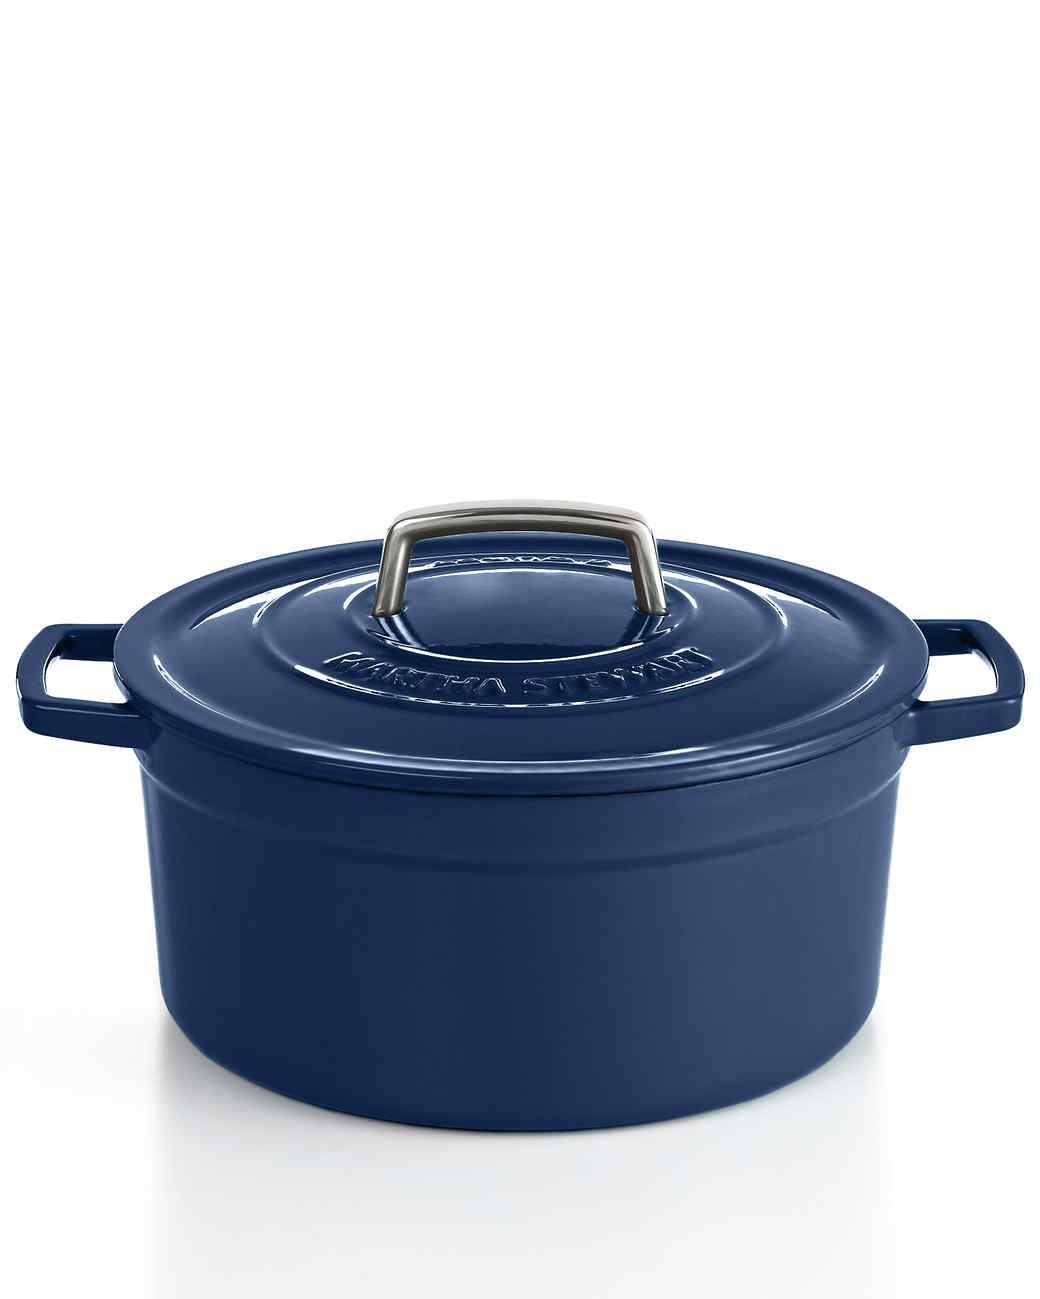 msmacys-blueberryeci-retail-0614.jpg